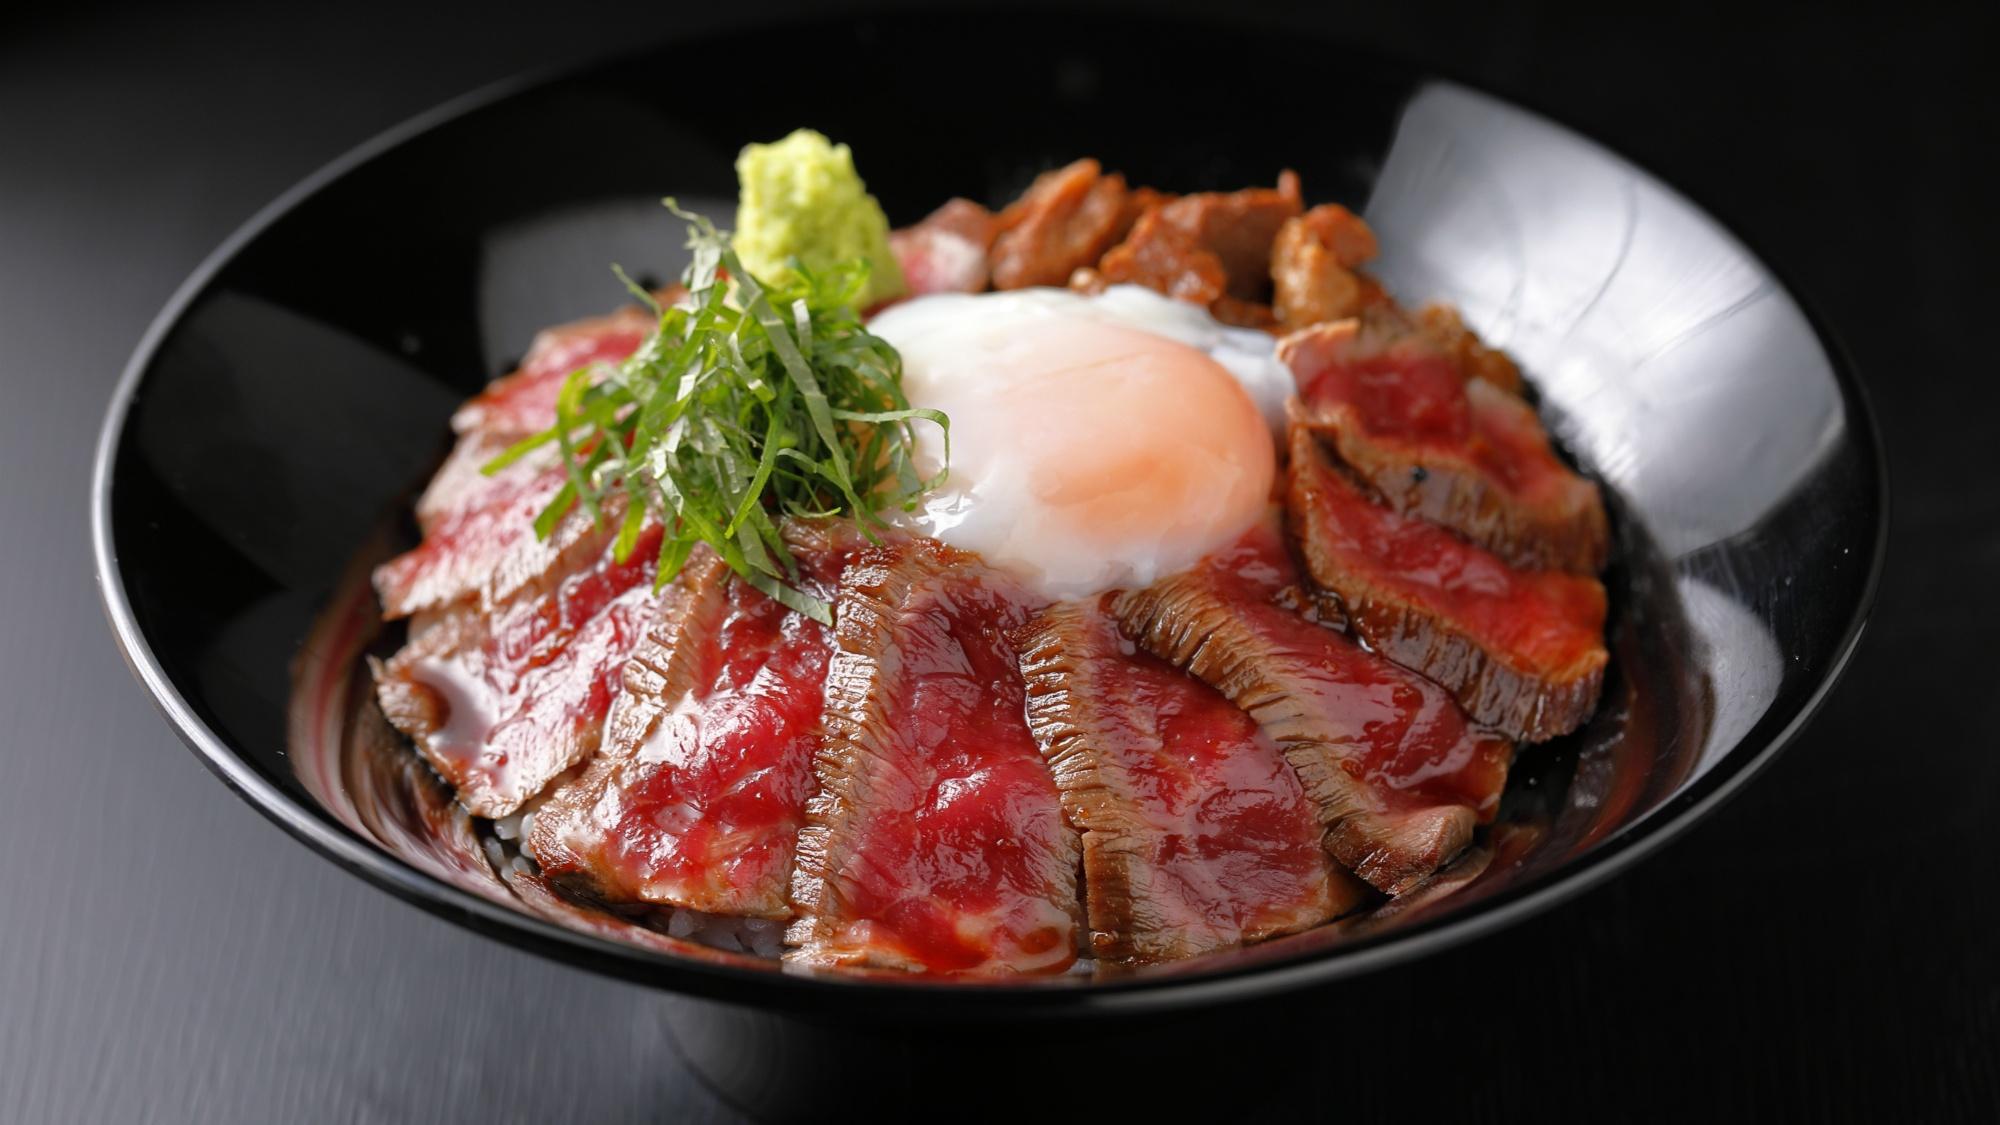 肉食堂よかよか一番人気あか牛丼!熊本を訪れたらぜひ一度味わいたい、あか牛たっぷり大満足の一品!